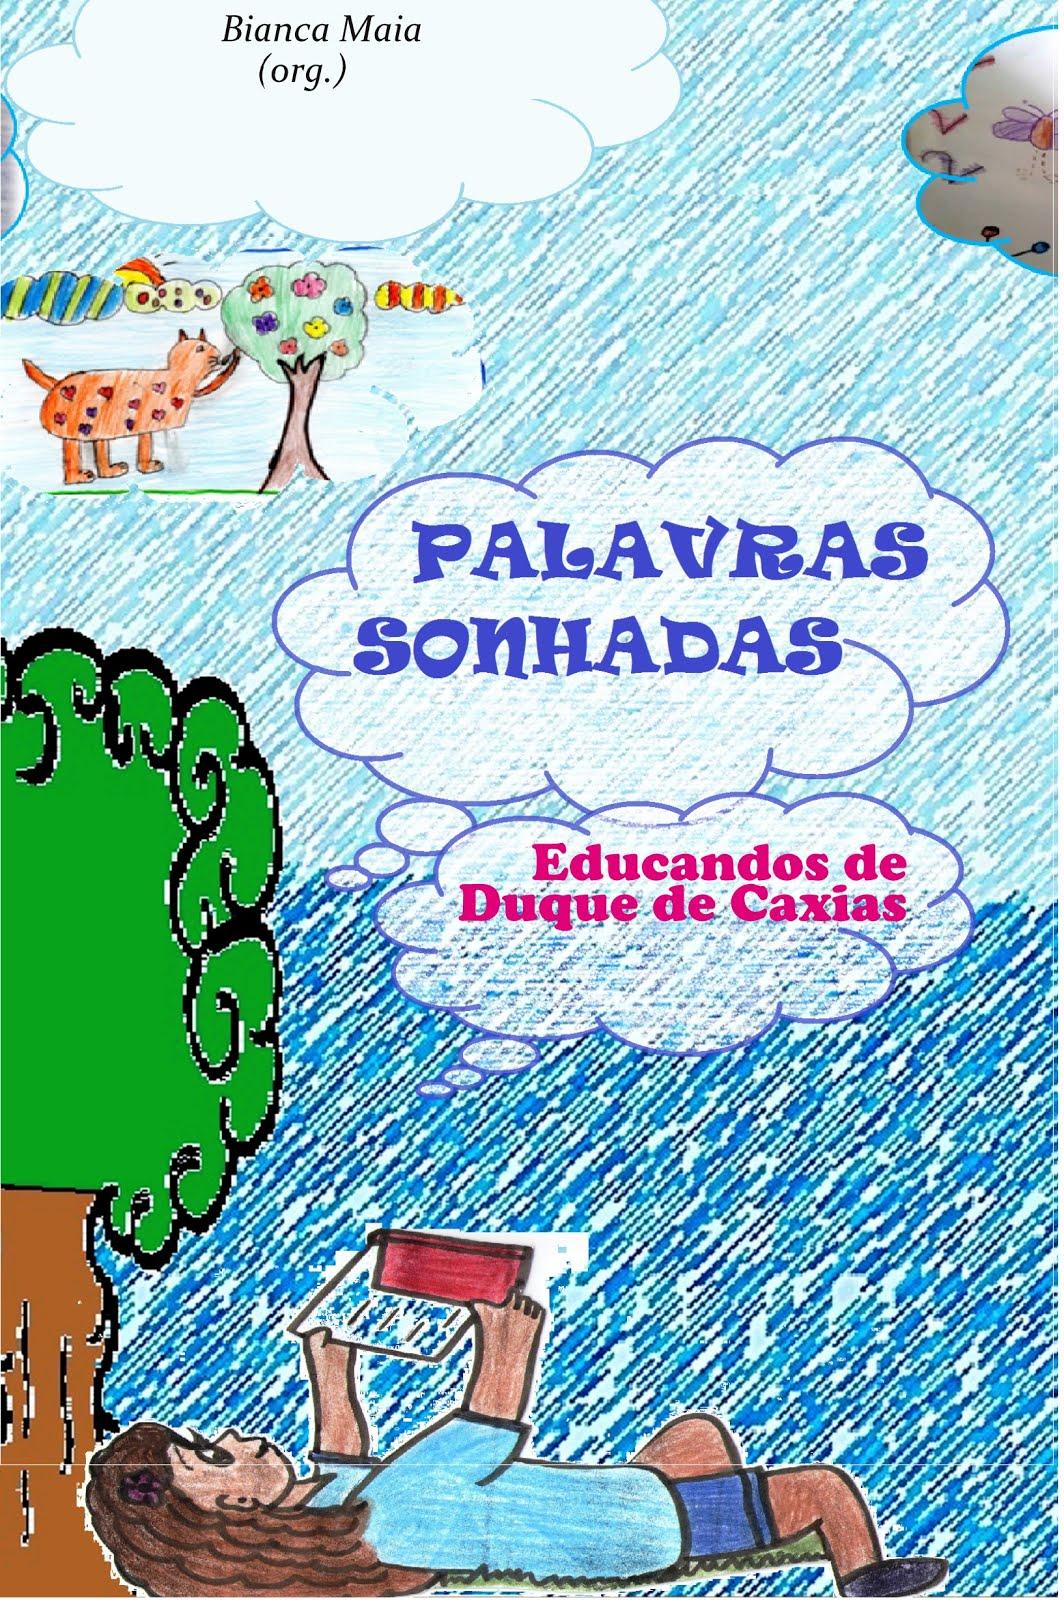 PALAVRAS SONHADAS